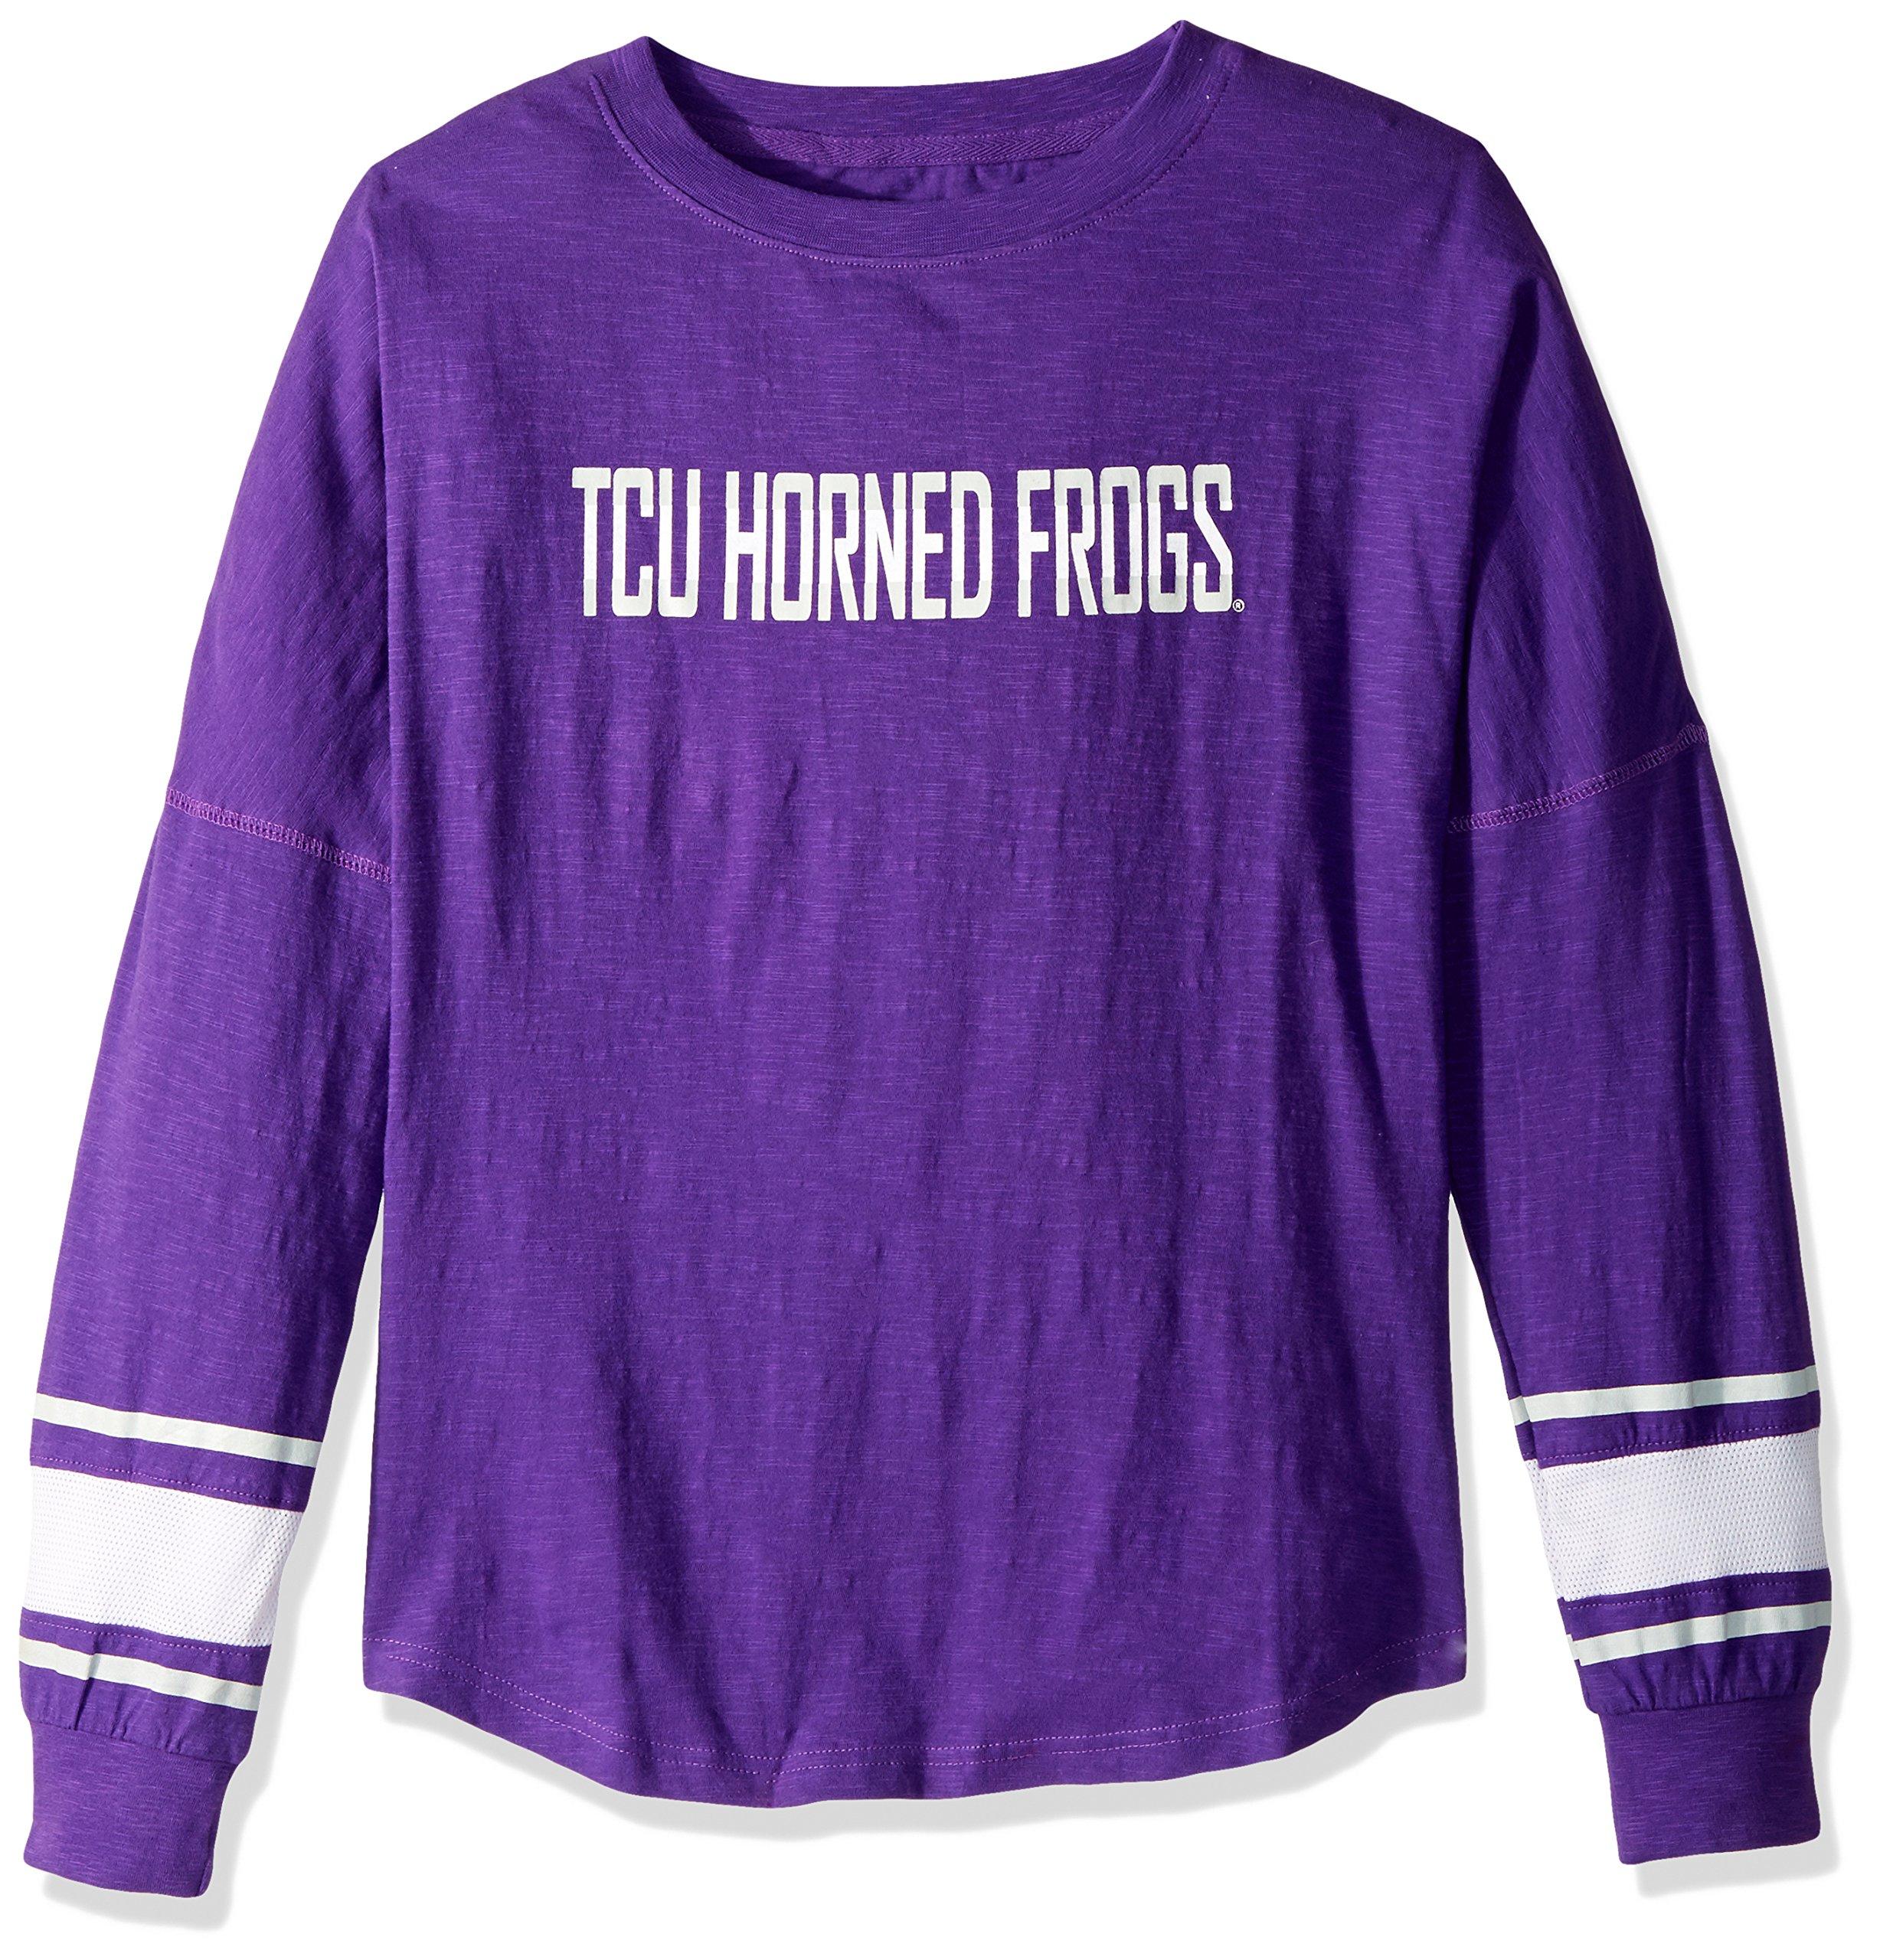 NCAA TCU Horned Frogs Women's Campus Specialties Long Sleeve Fan Tee, XX-Large, Purple